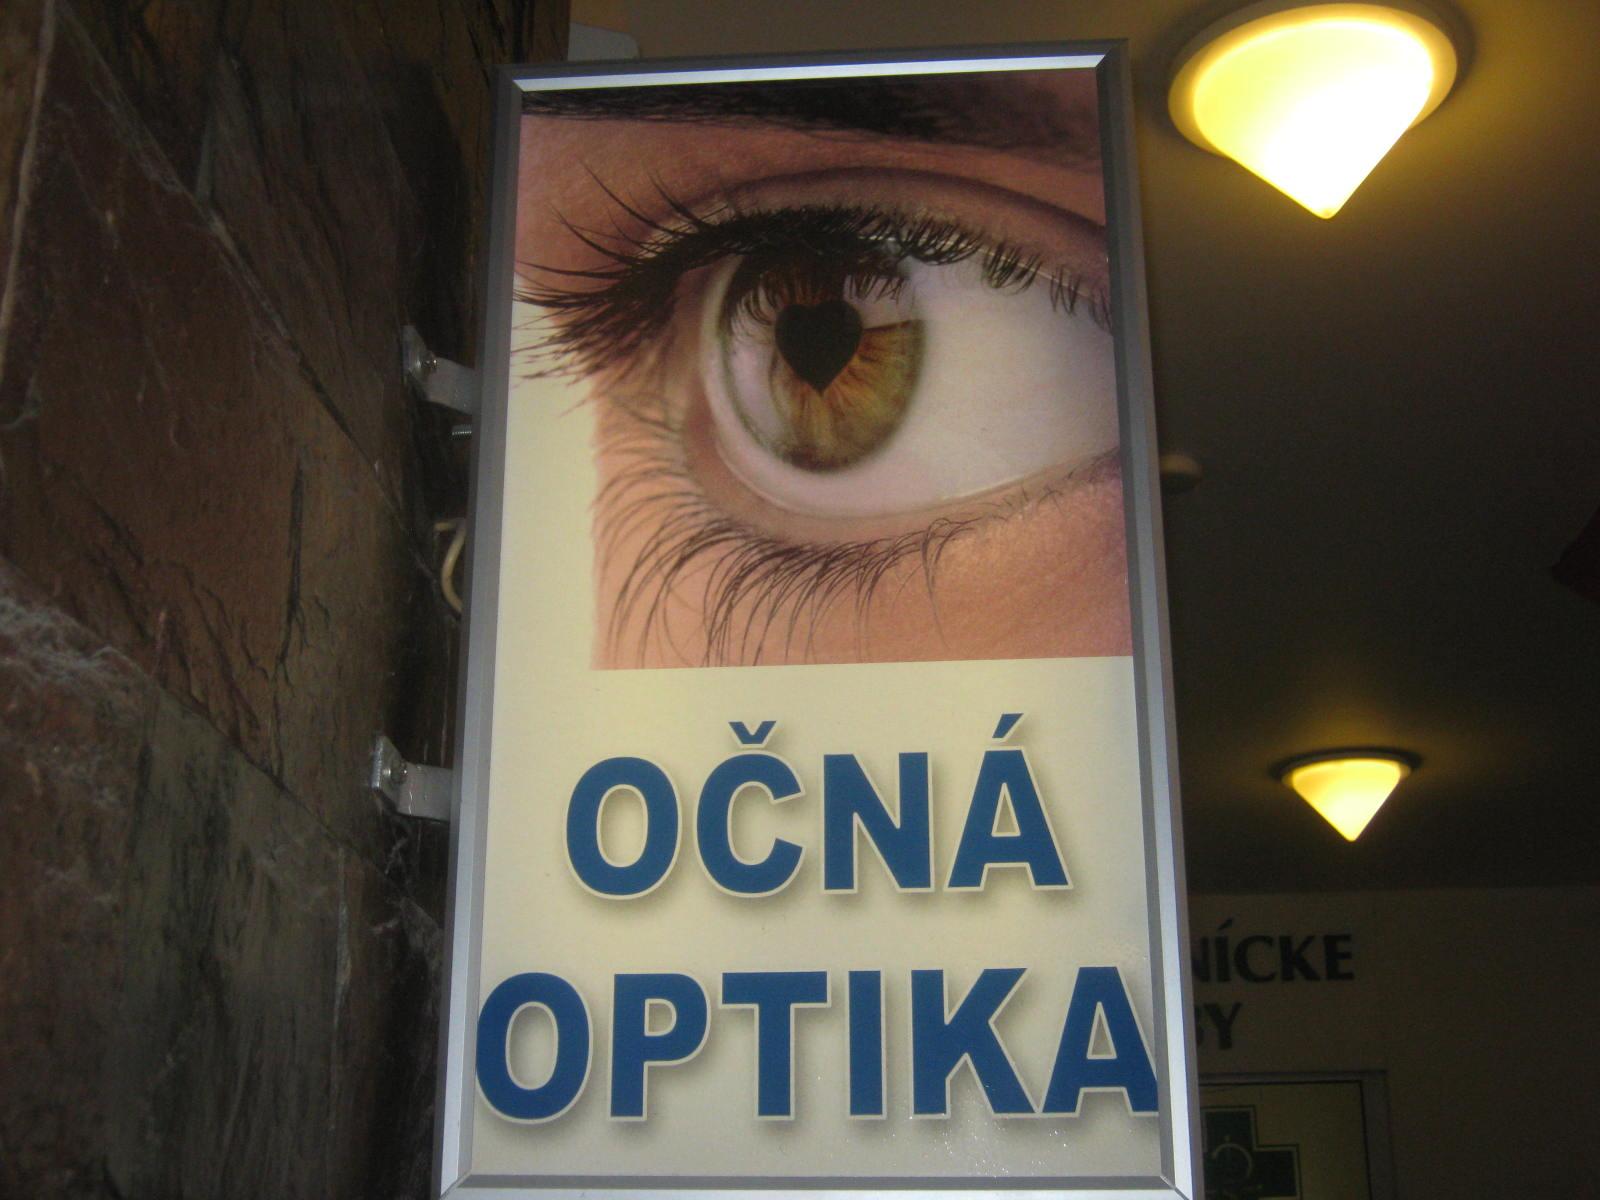 Očná optika Express Vision, s. r. o.  V PASÁŽI